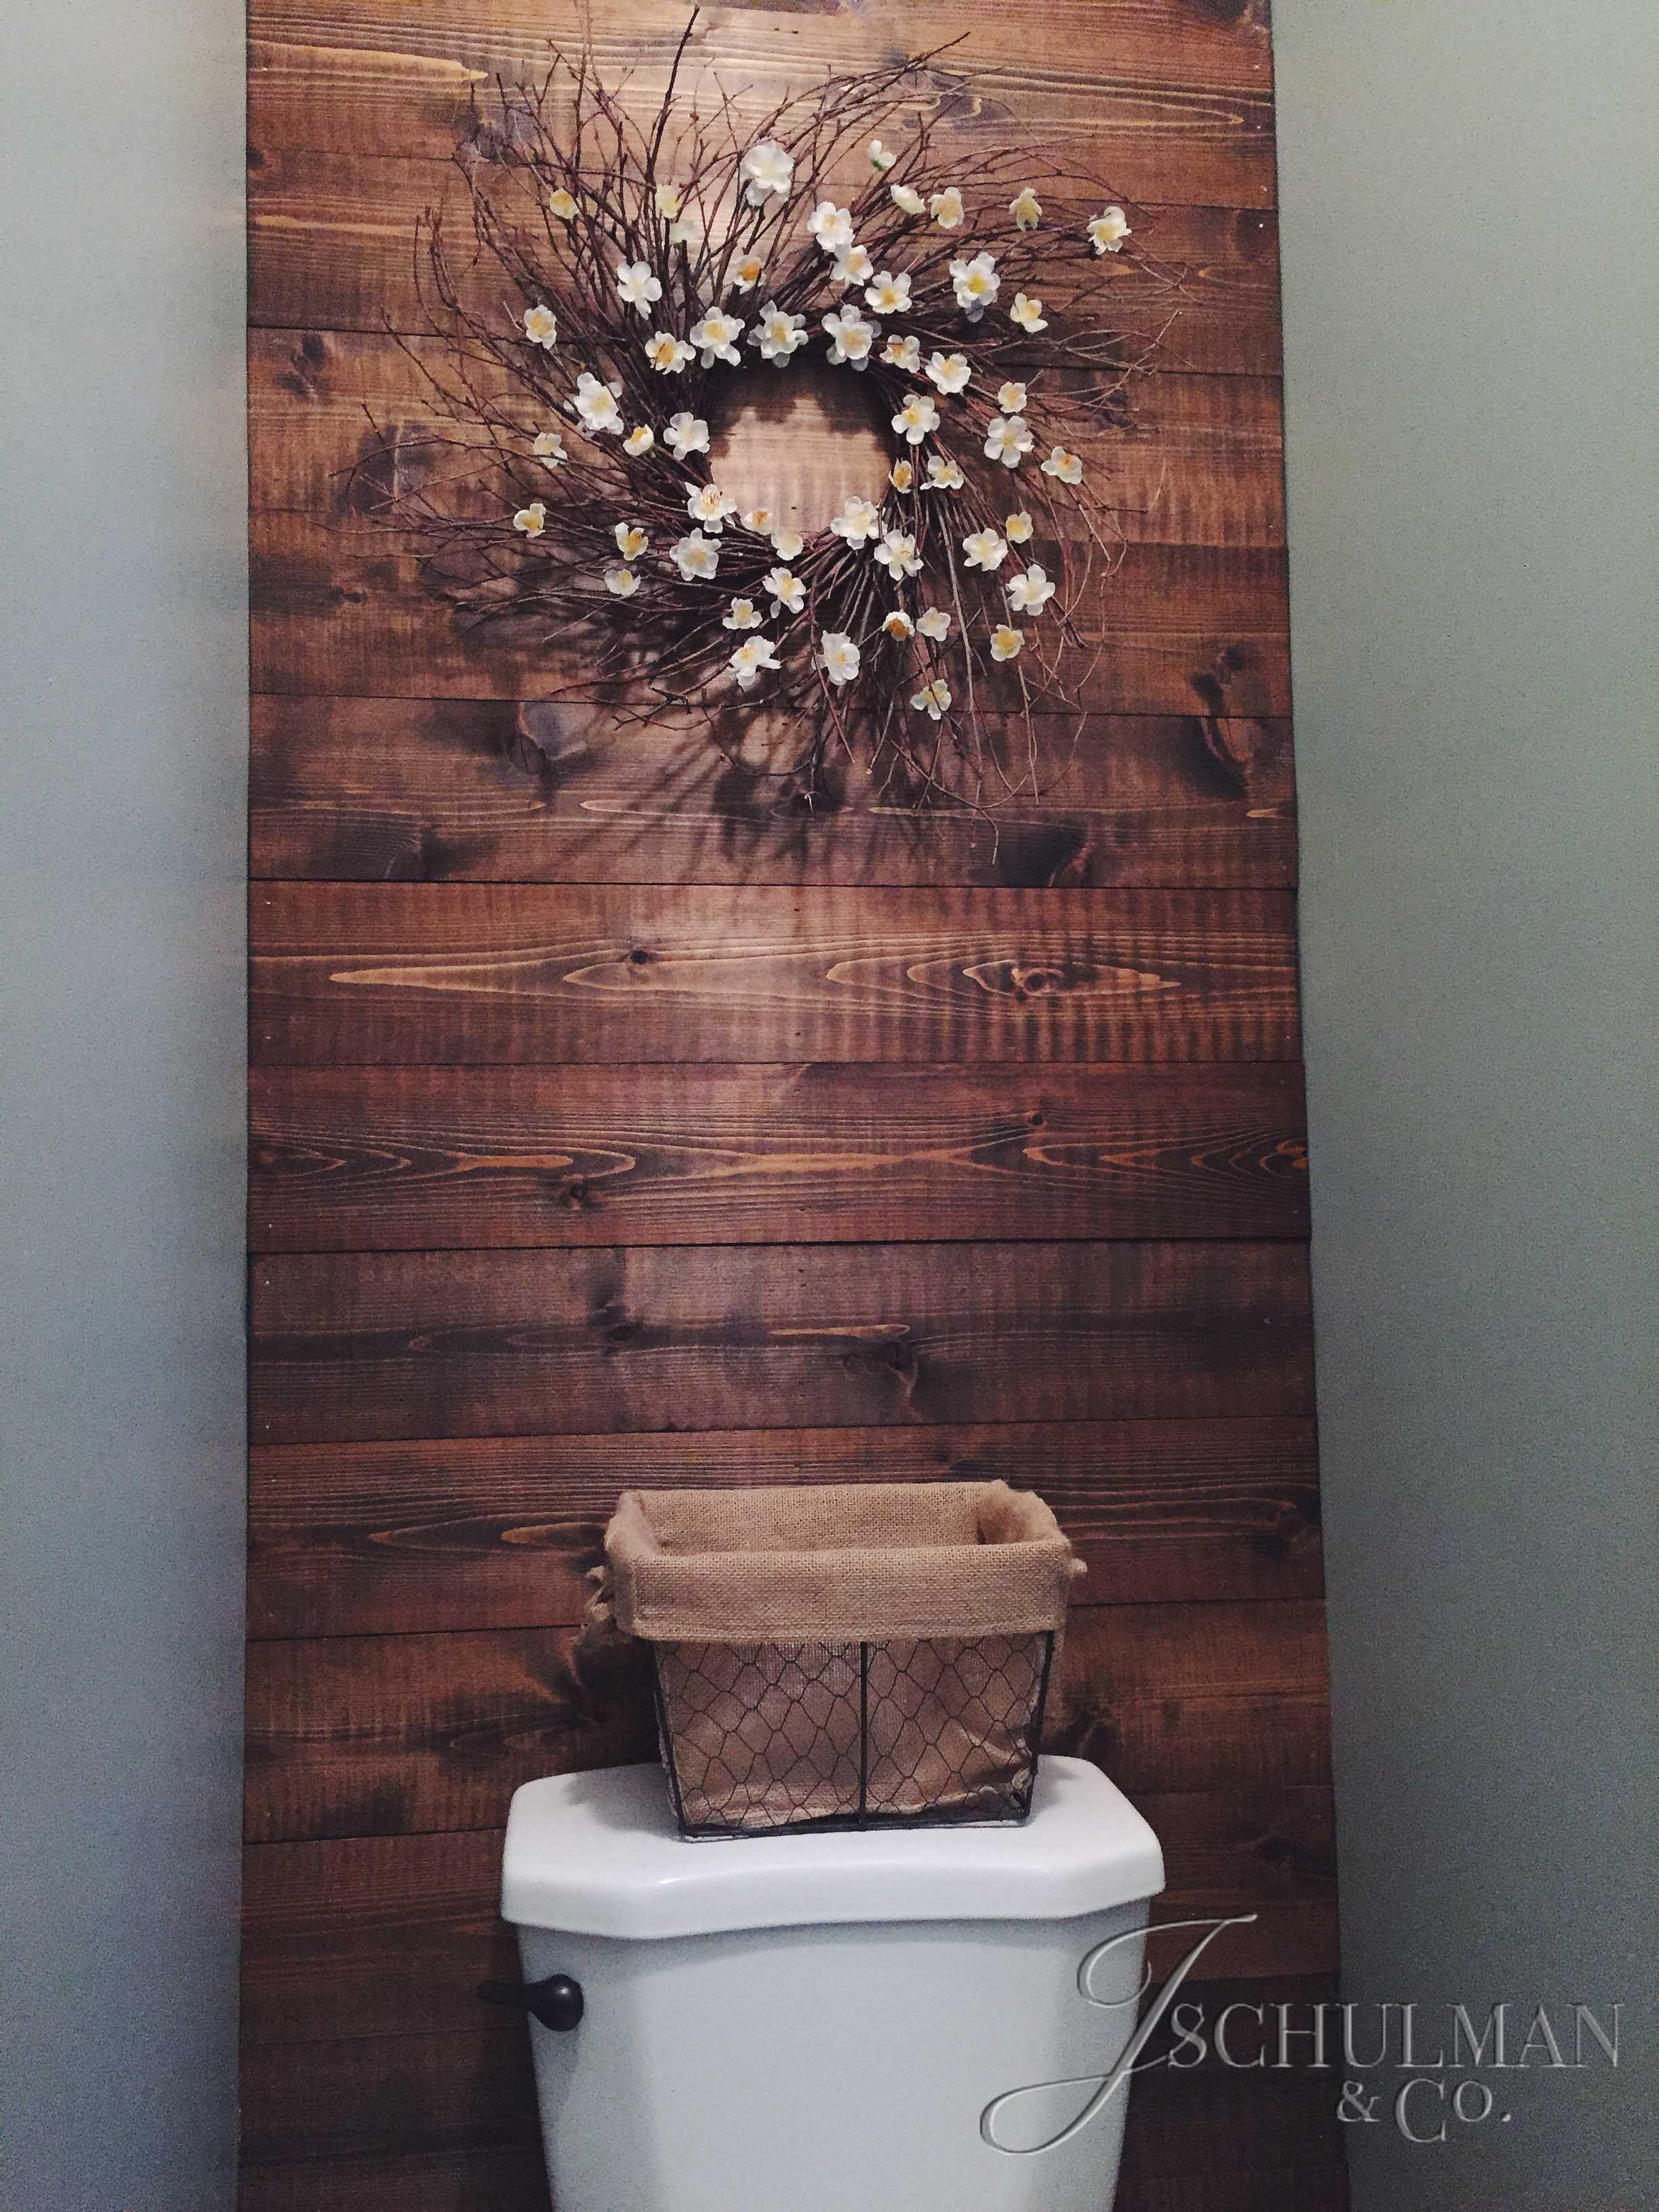 Badezimmer dekor billig akzent wand im badezimmer  mehr auf unserer website  in jedem raum